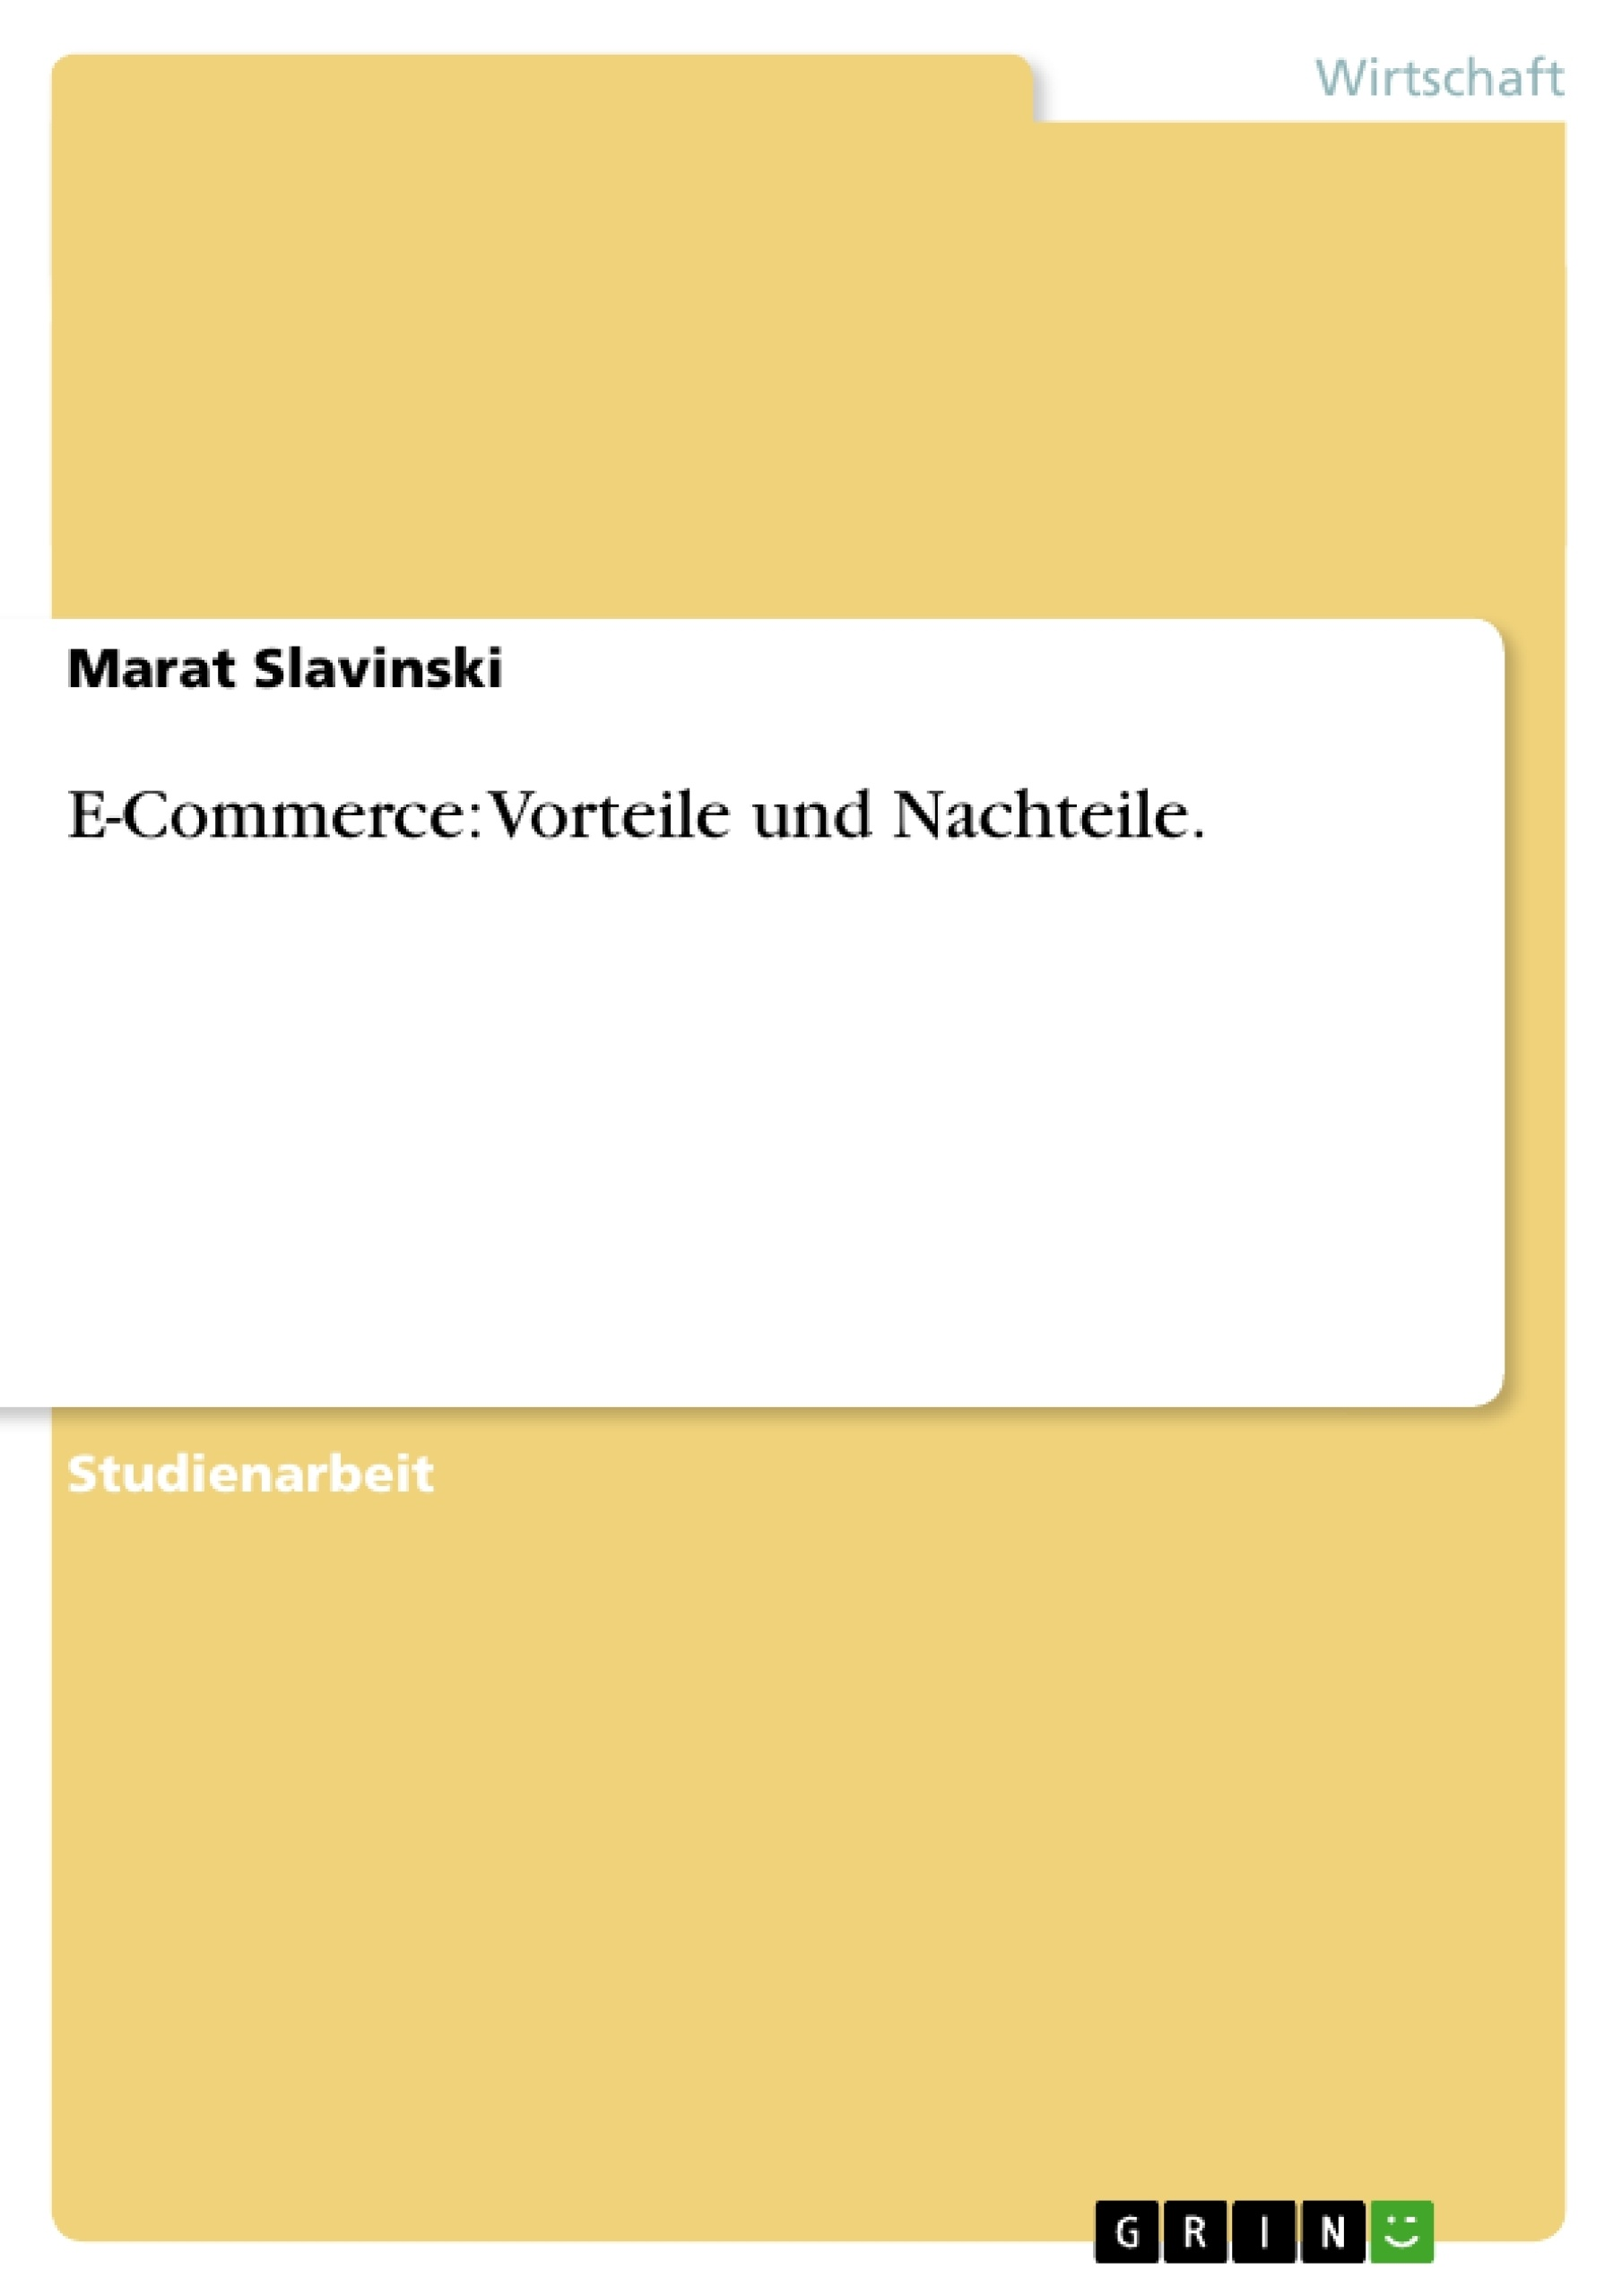 Titel: E-Commerce: Vorteile und Nachteile.